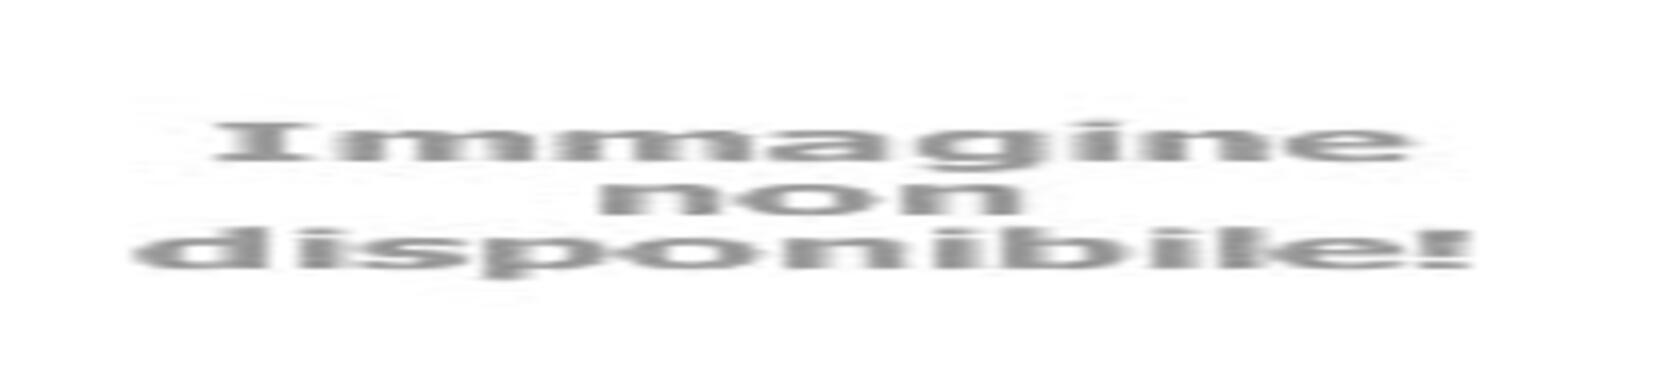 basketriminicrabs it 2-2553-settore-giovanile-esordienti-vittoriosi-al-torneo-di-sansepolcro 003